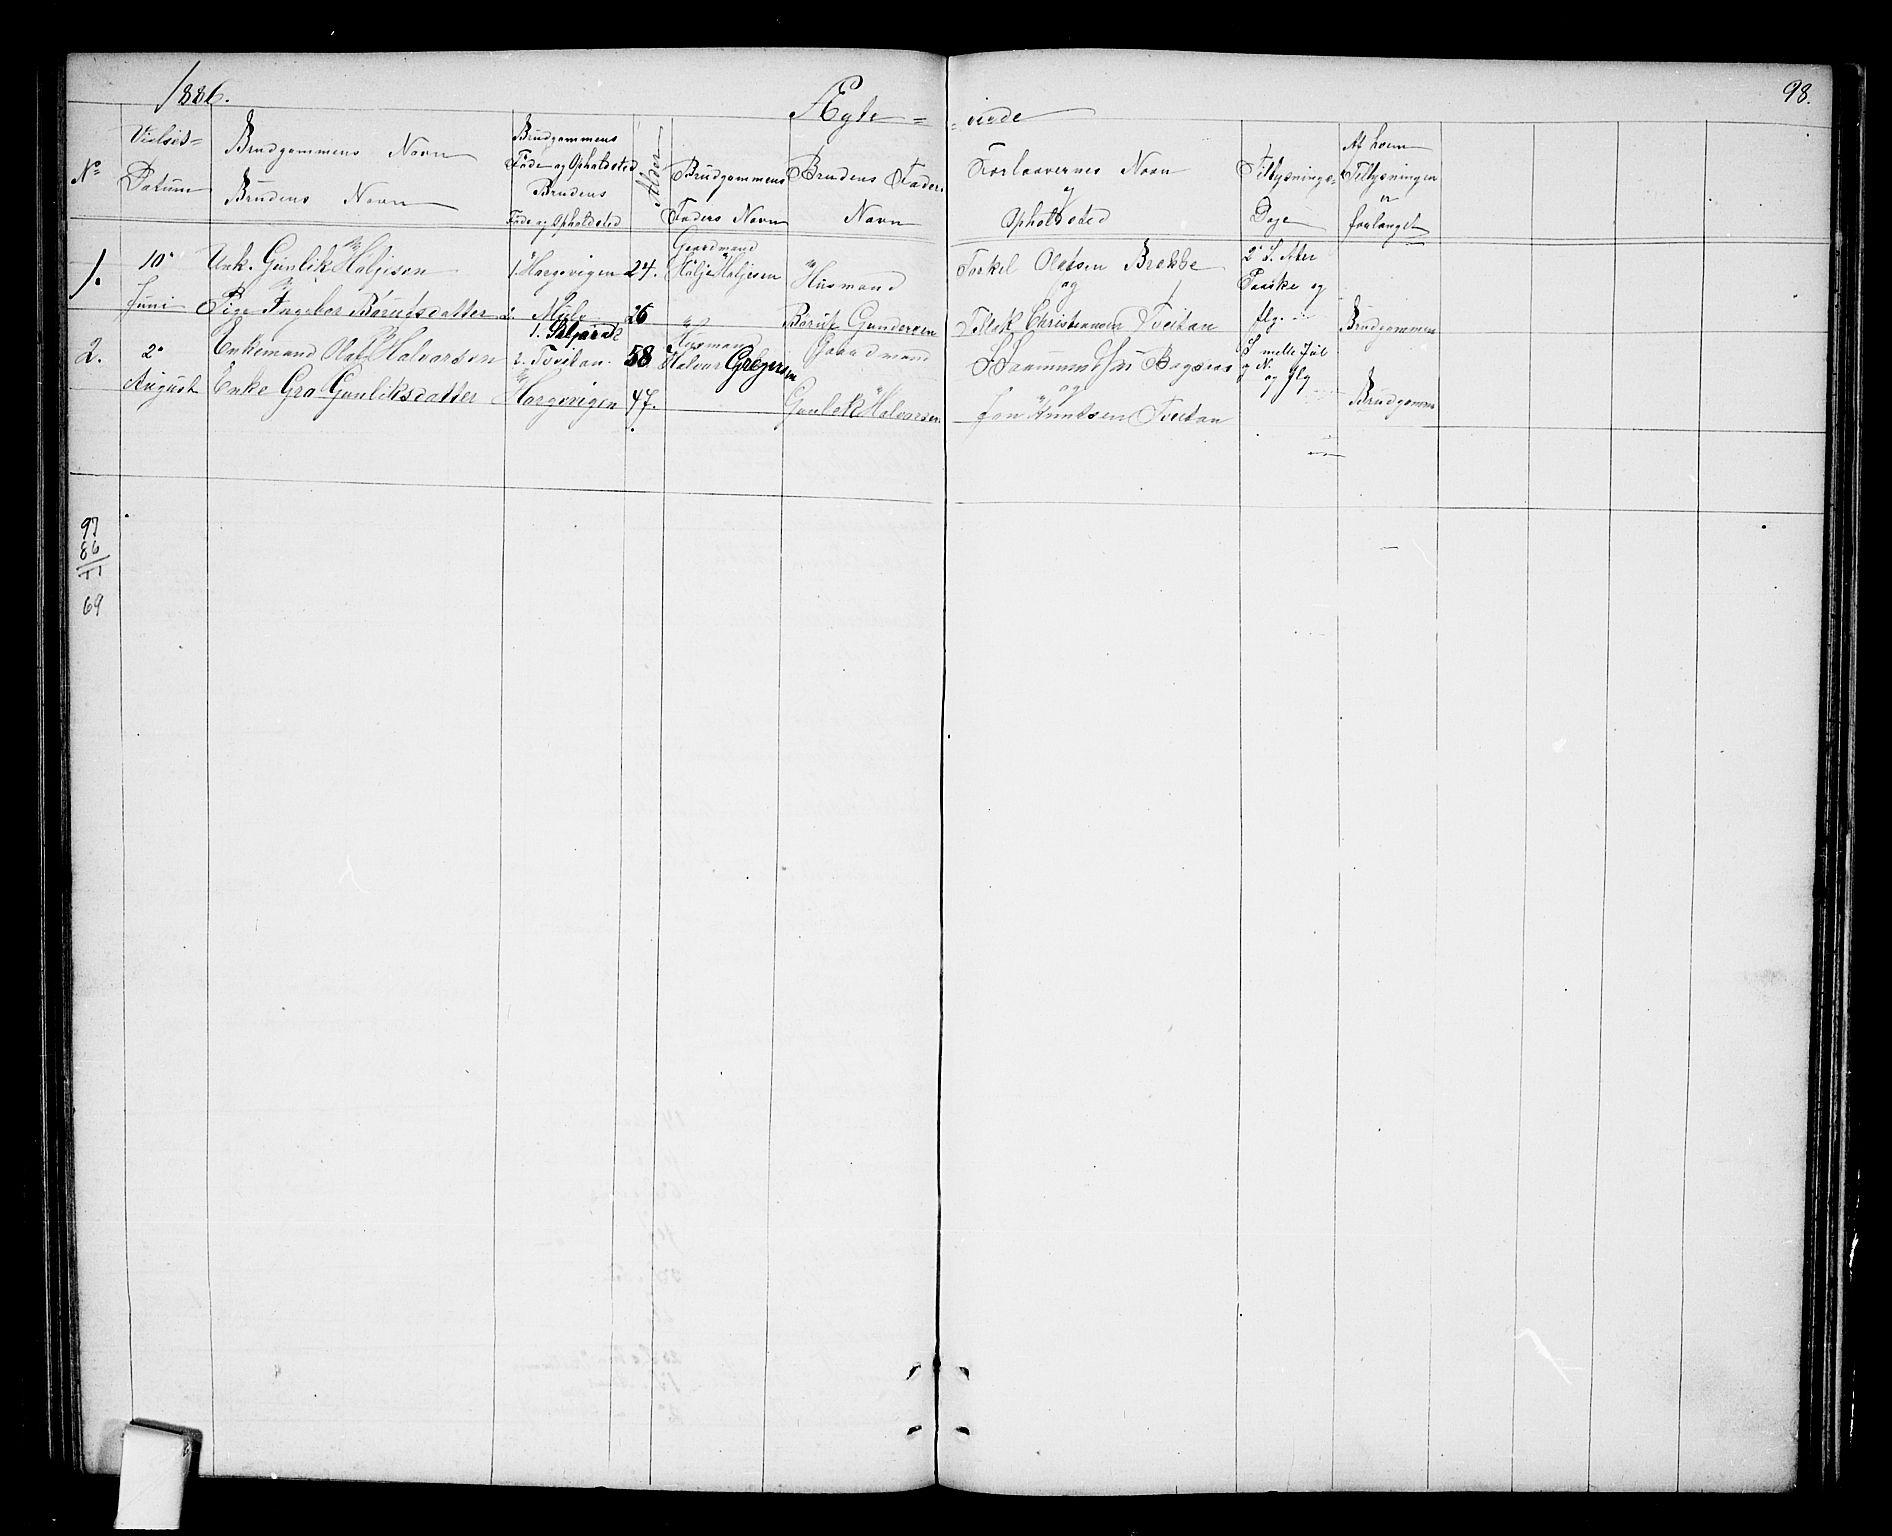 SAKO, Nissedal kirkebøker, G/Ga/L0002: Klokkerbok nr. I 2, 1861-1887, s. 98